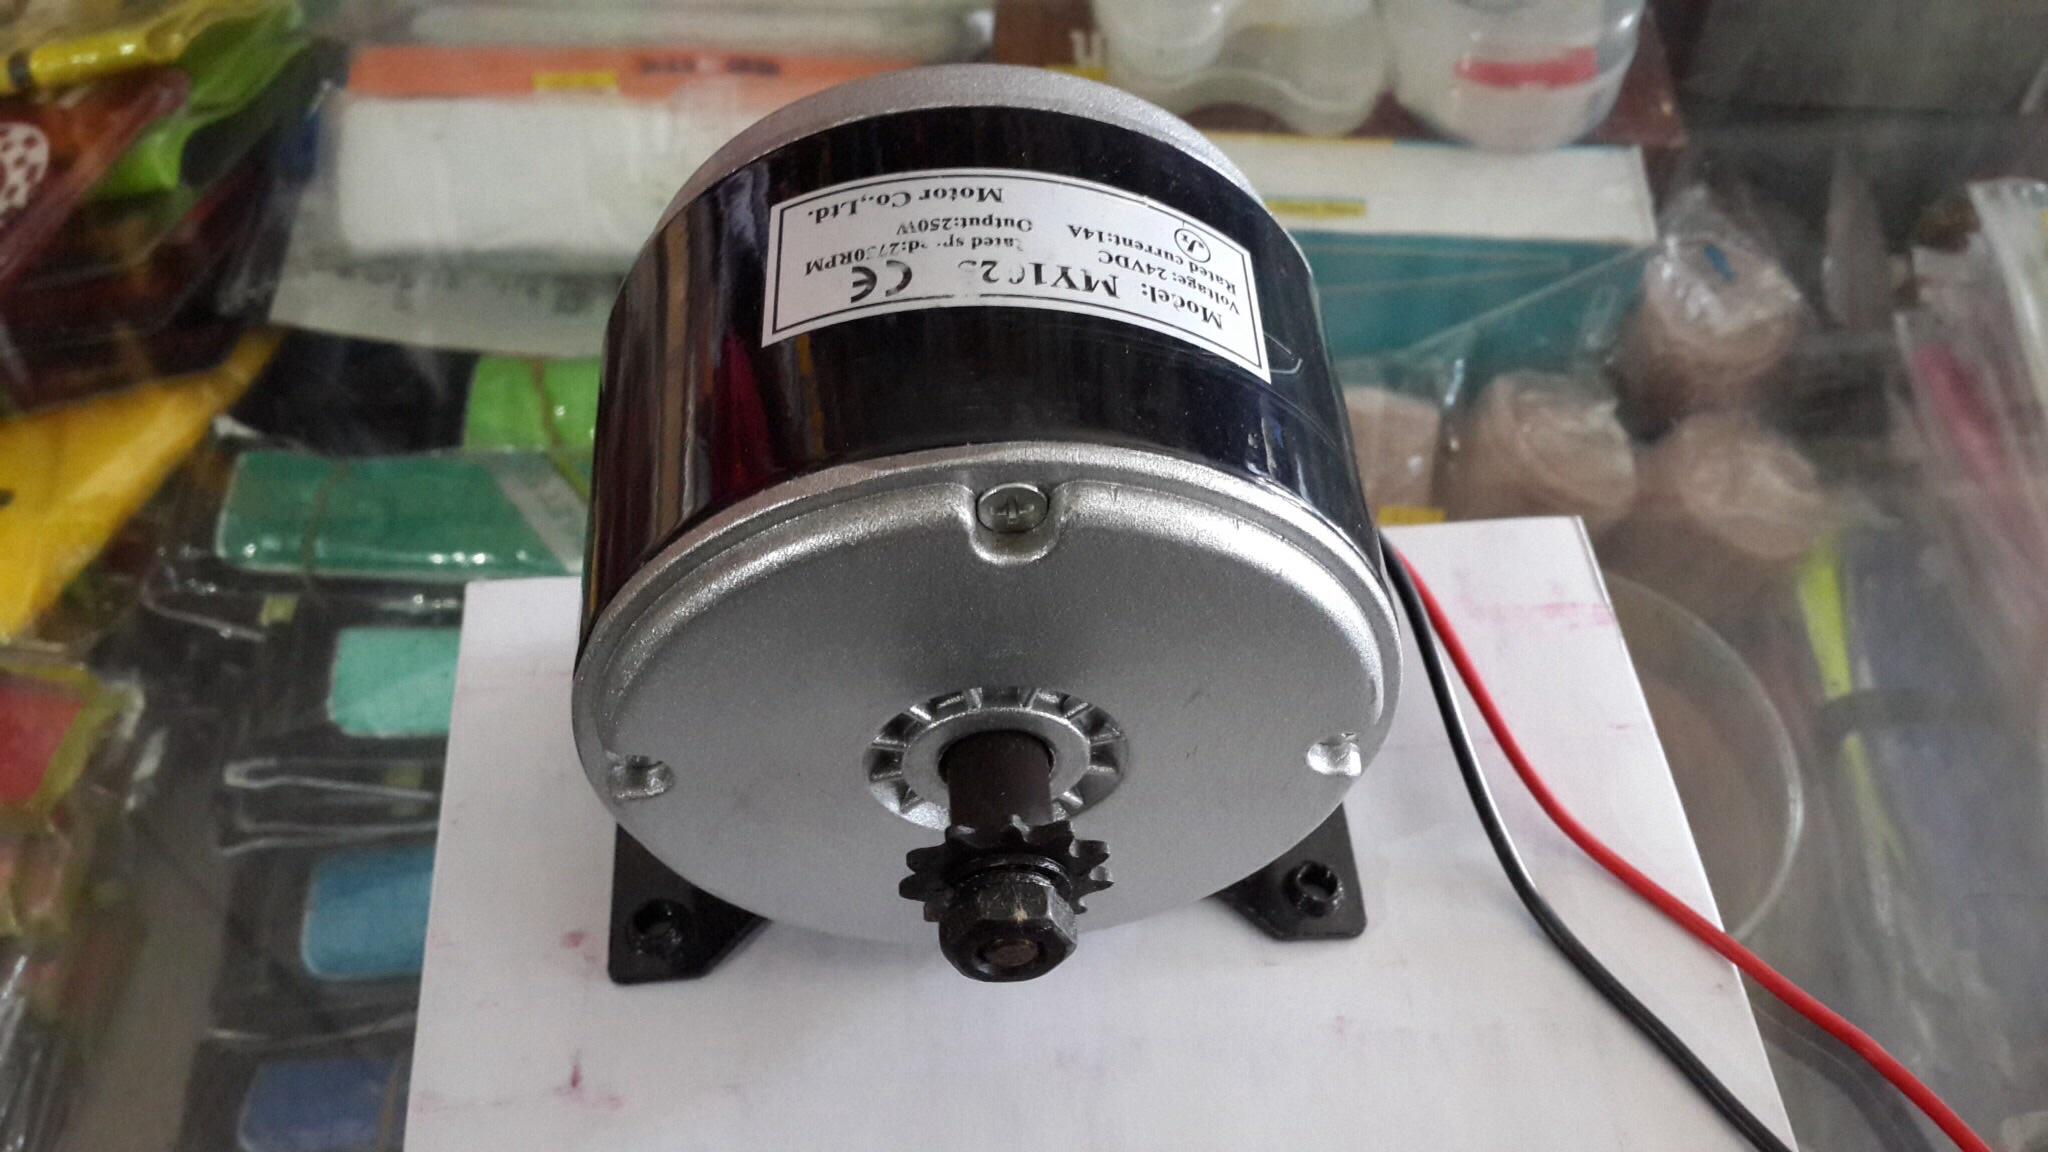 Jual Dinamo Skuter Motor Skuter Sepeda Listrik 250 Watt